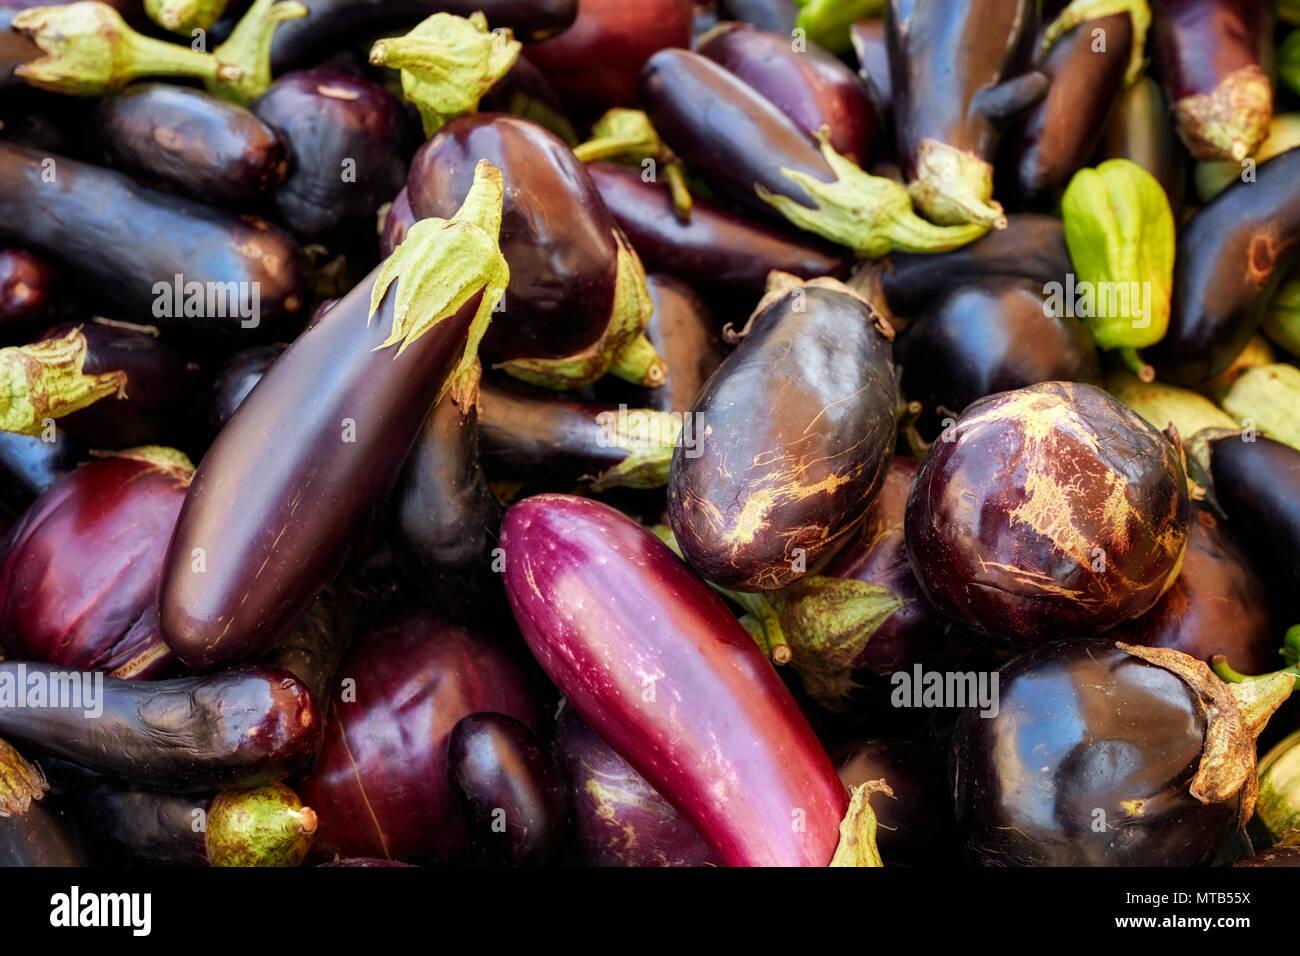 Montón de berenjenas frescas en un mercado counter Imagen De Stock